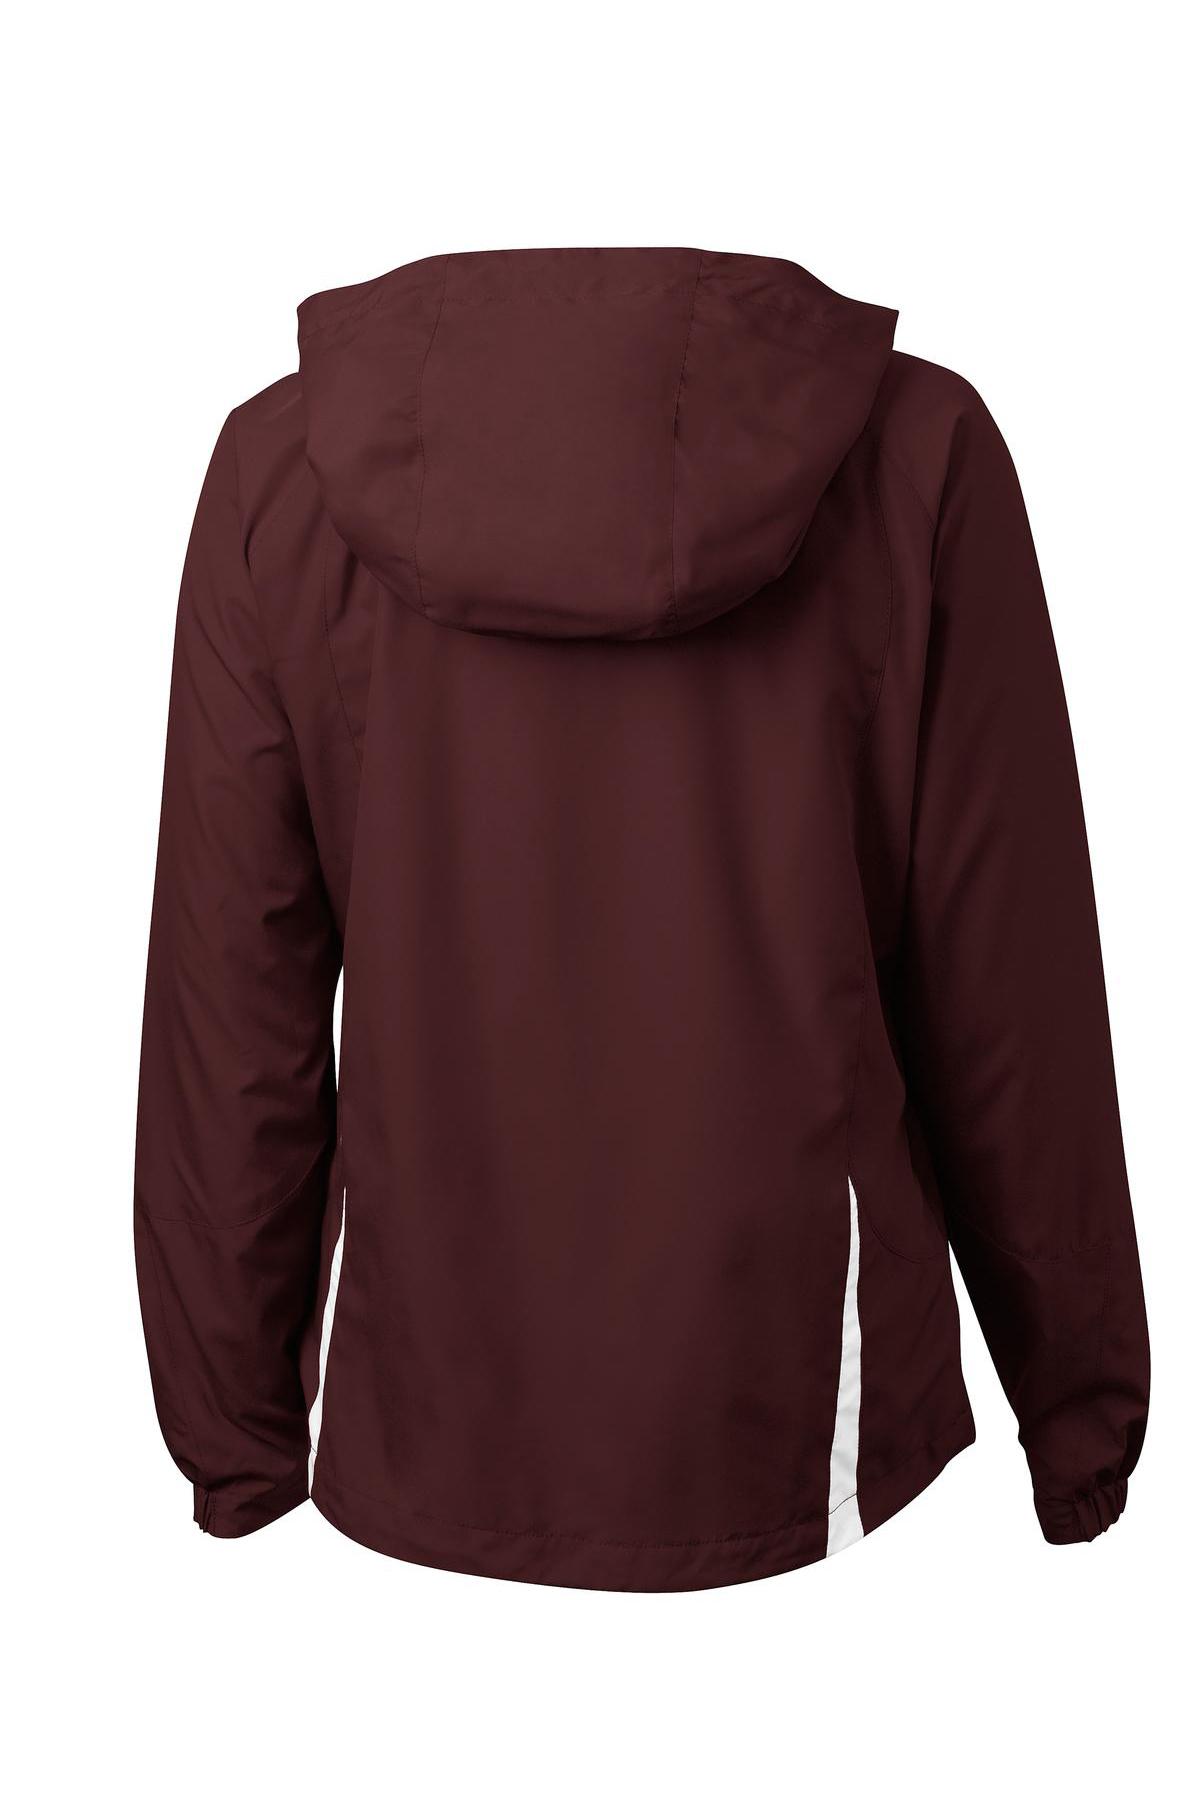 cea616544 Sport-Tek® Ladies Colorblock Hooded Raglan Jacket | Sport-Tek ...